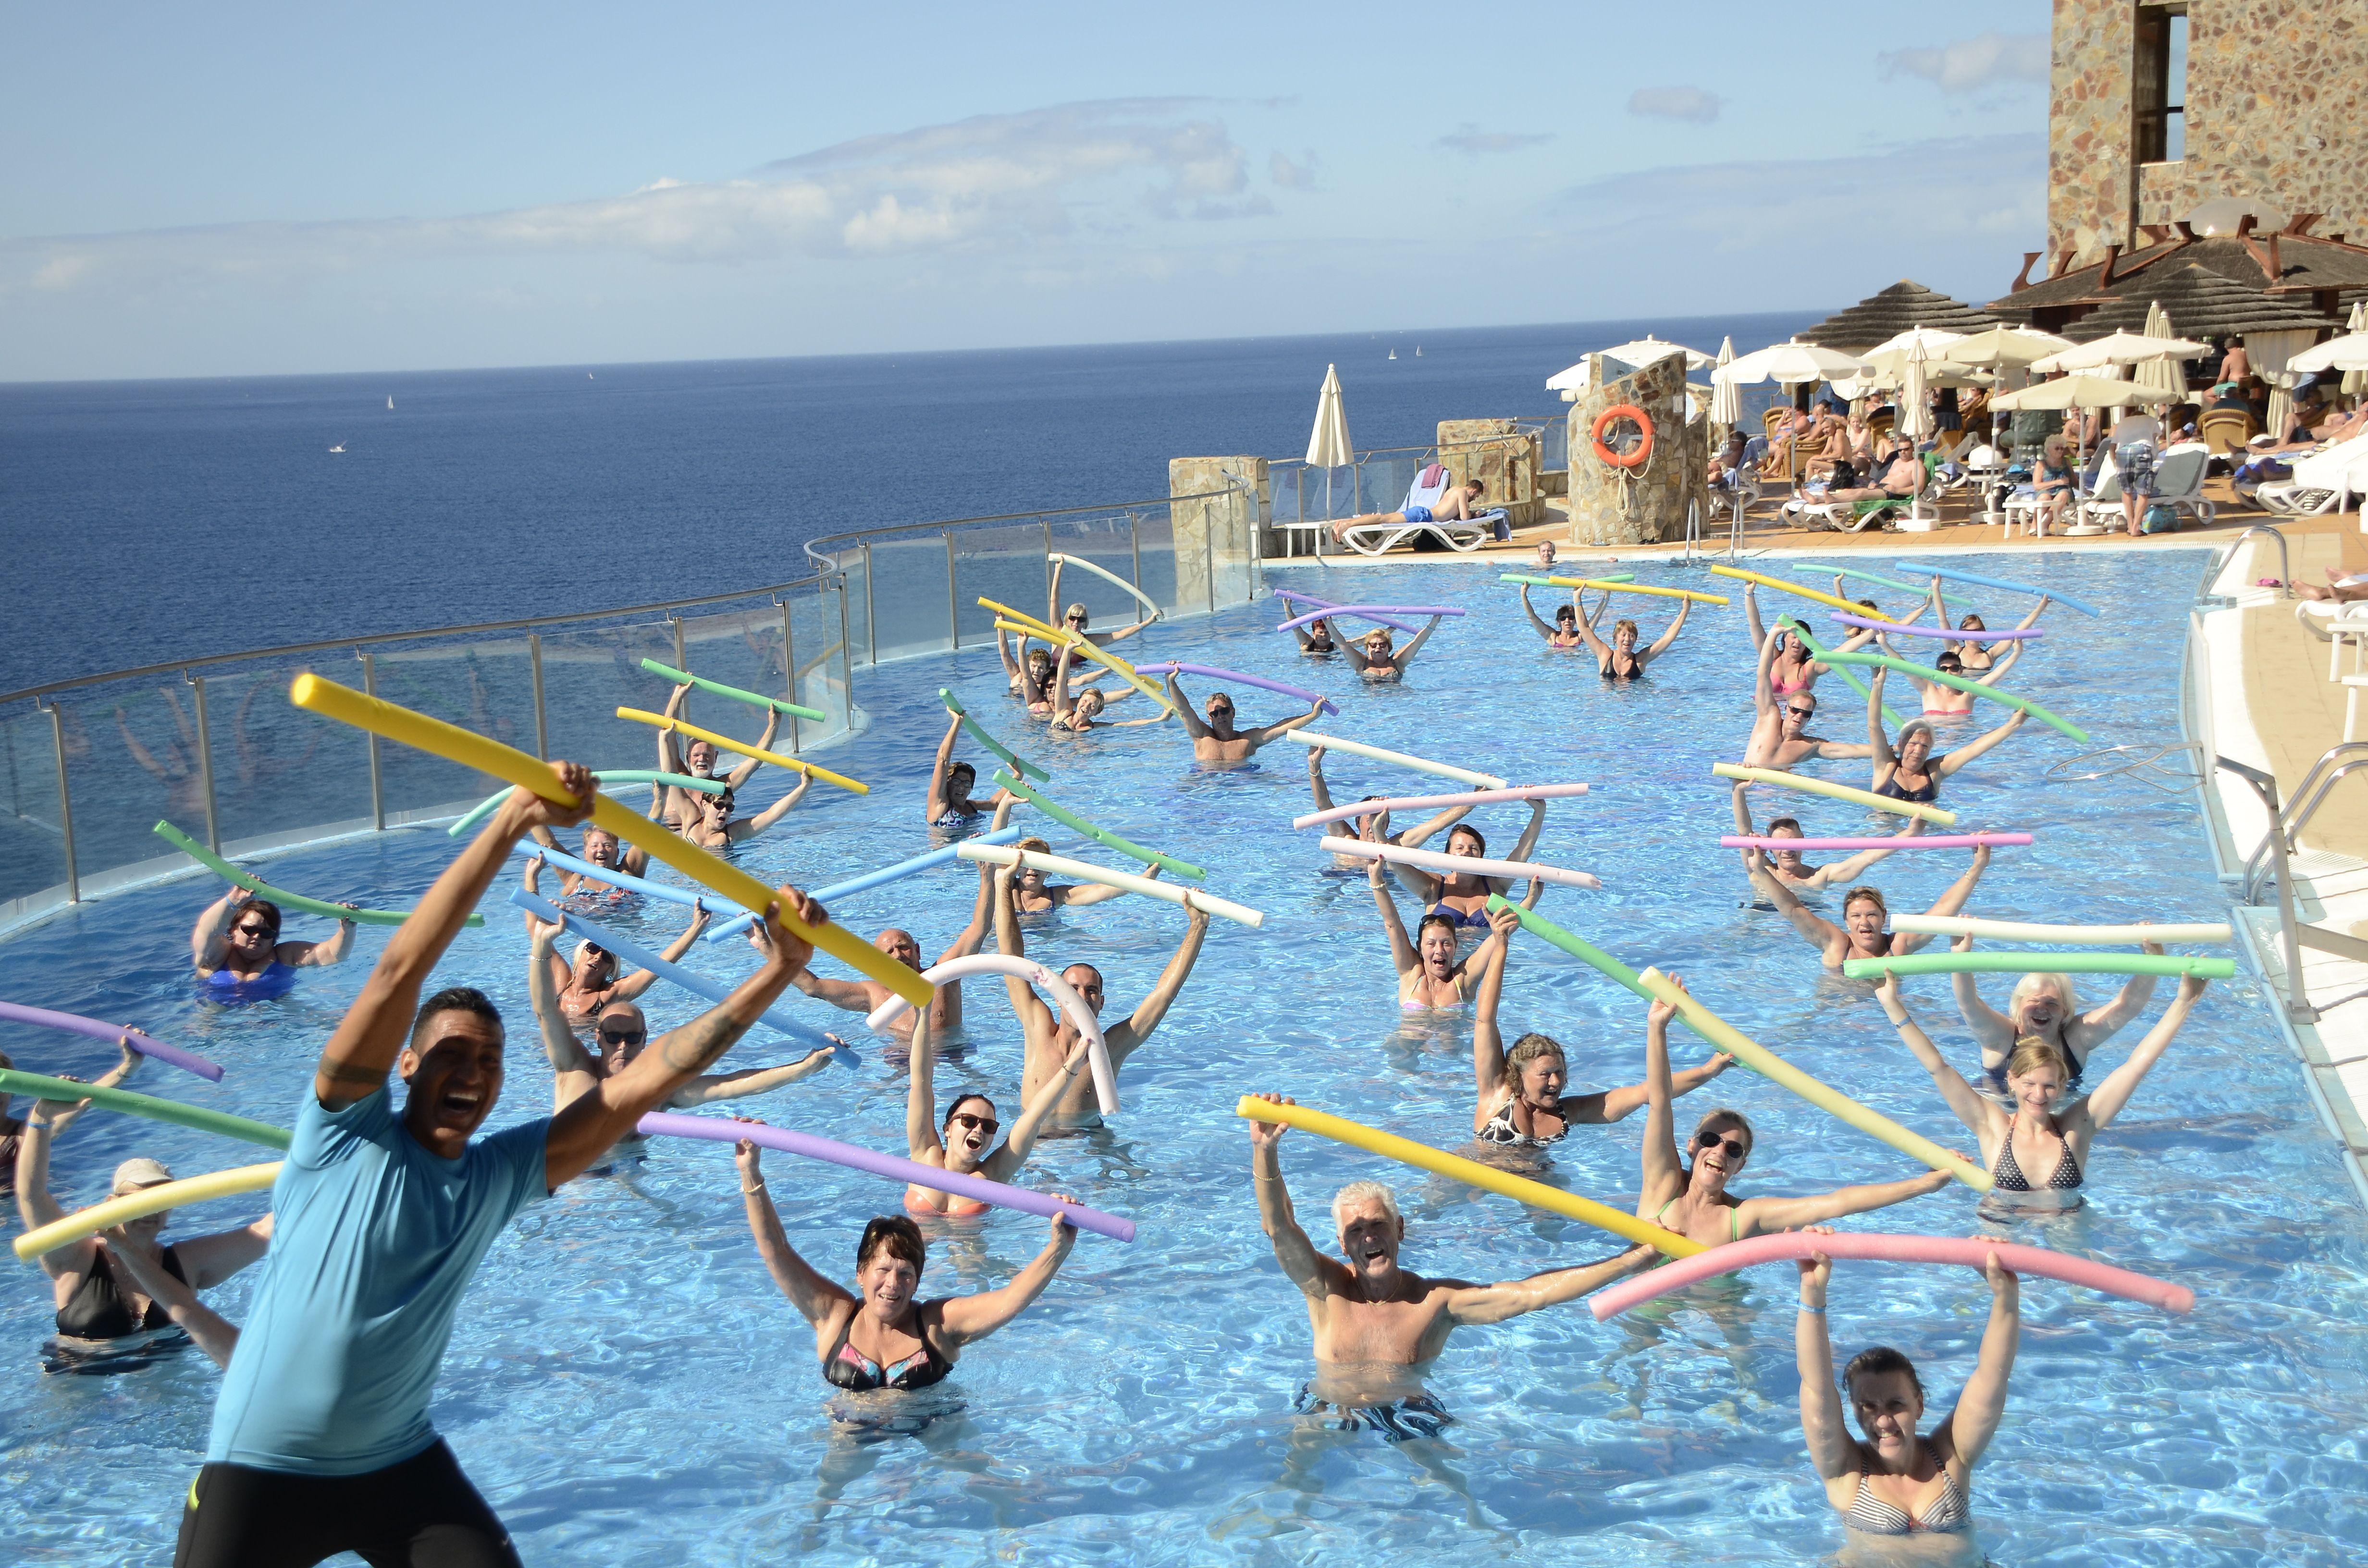 * Have fun with the Aquagym in  #Gloriapalaceamadores * Diviertete con el #Aquagym en Gloria Palace Amadores.